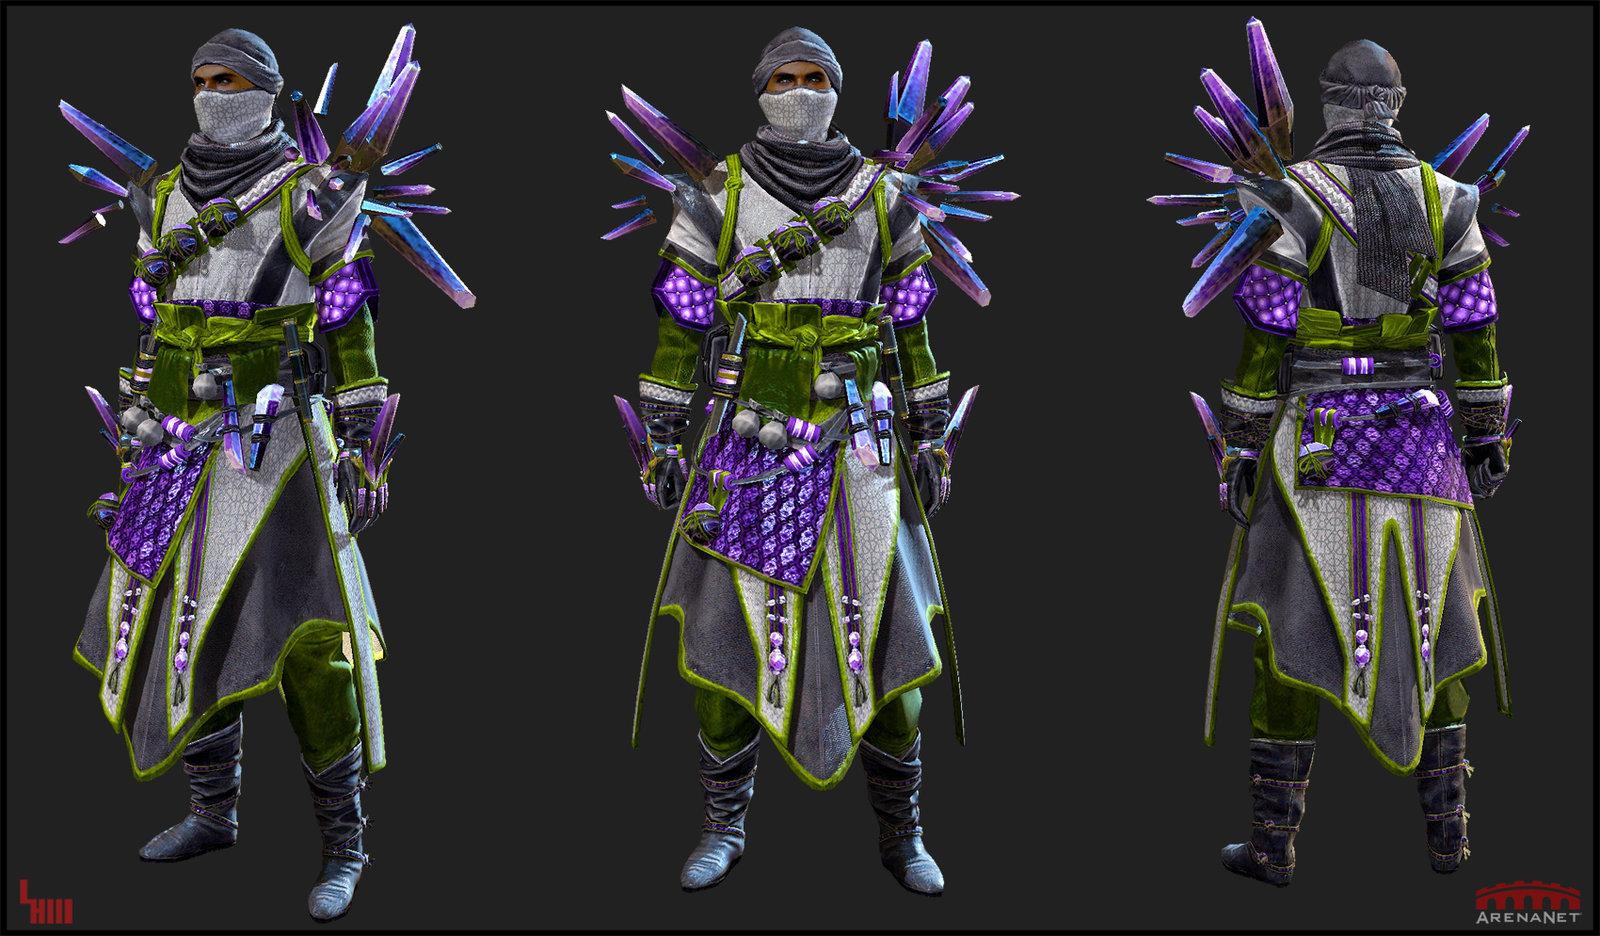 GW2 Outfit, 16,000 tris